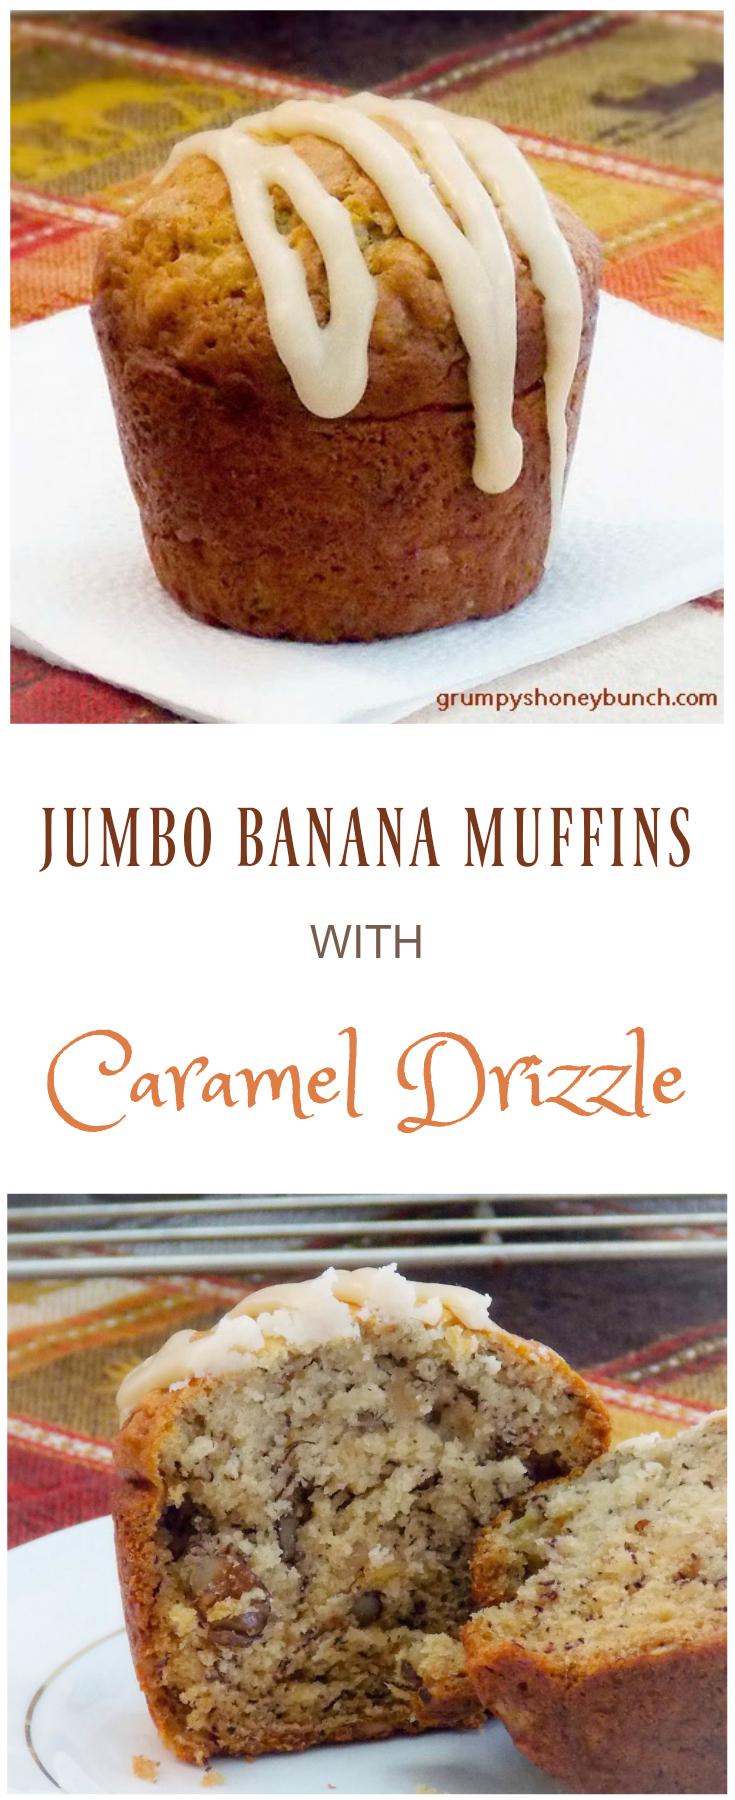 Jumbo Banana Muffins